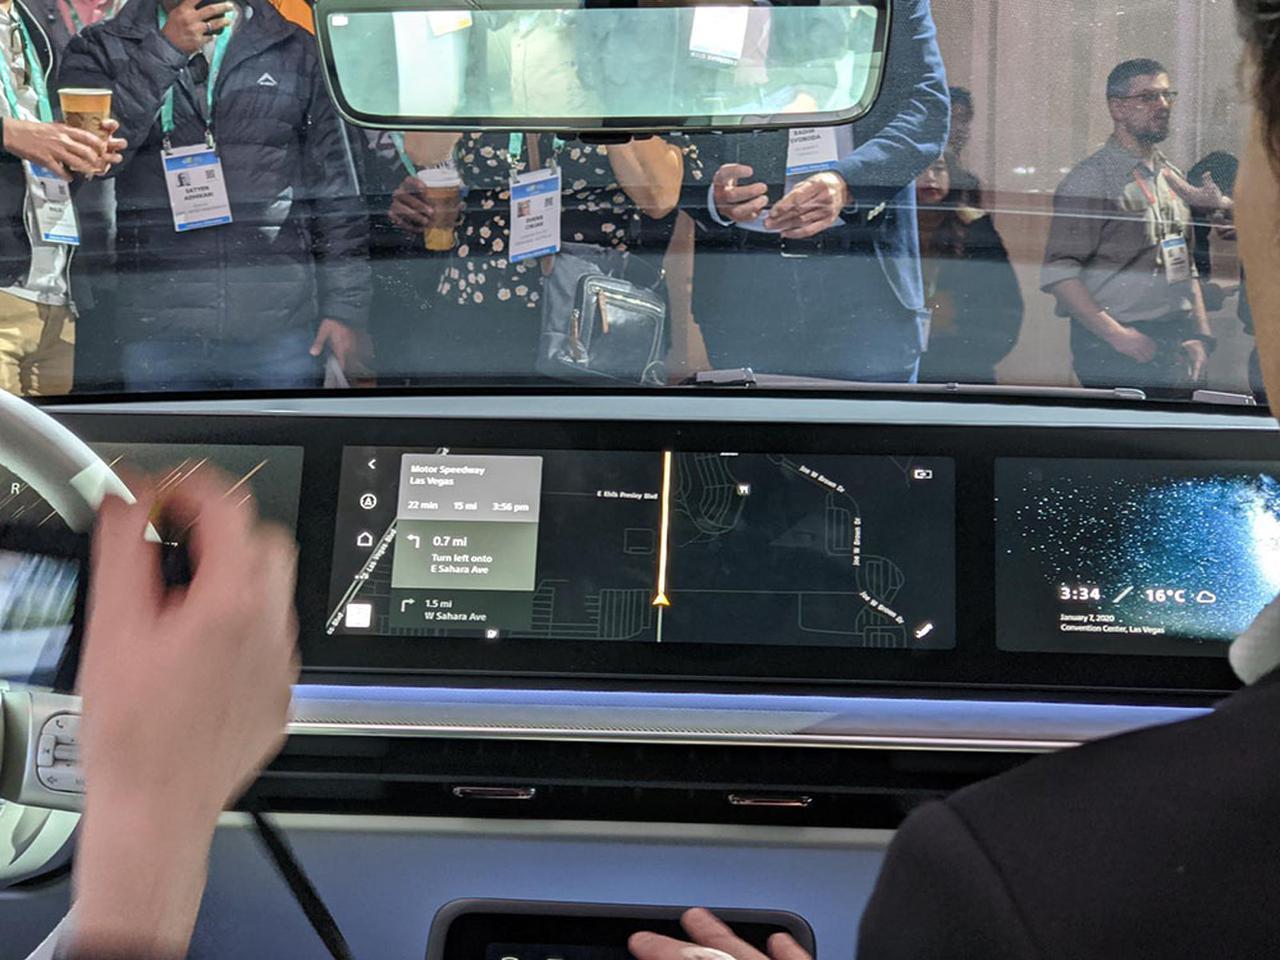 画像5: 【麻倉怜士のCES2020レポート02】これが超話題のソニーのニューカー「VISION-S(ビジョン エス)」だ。その、ディテイルをご覧にいれます